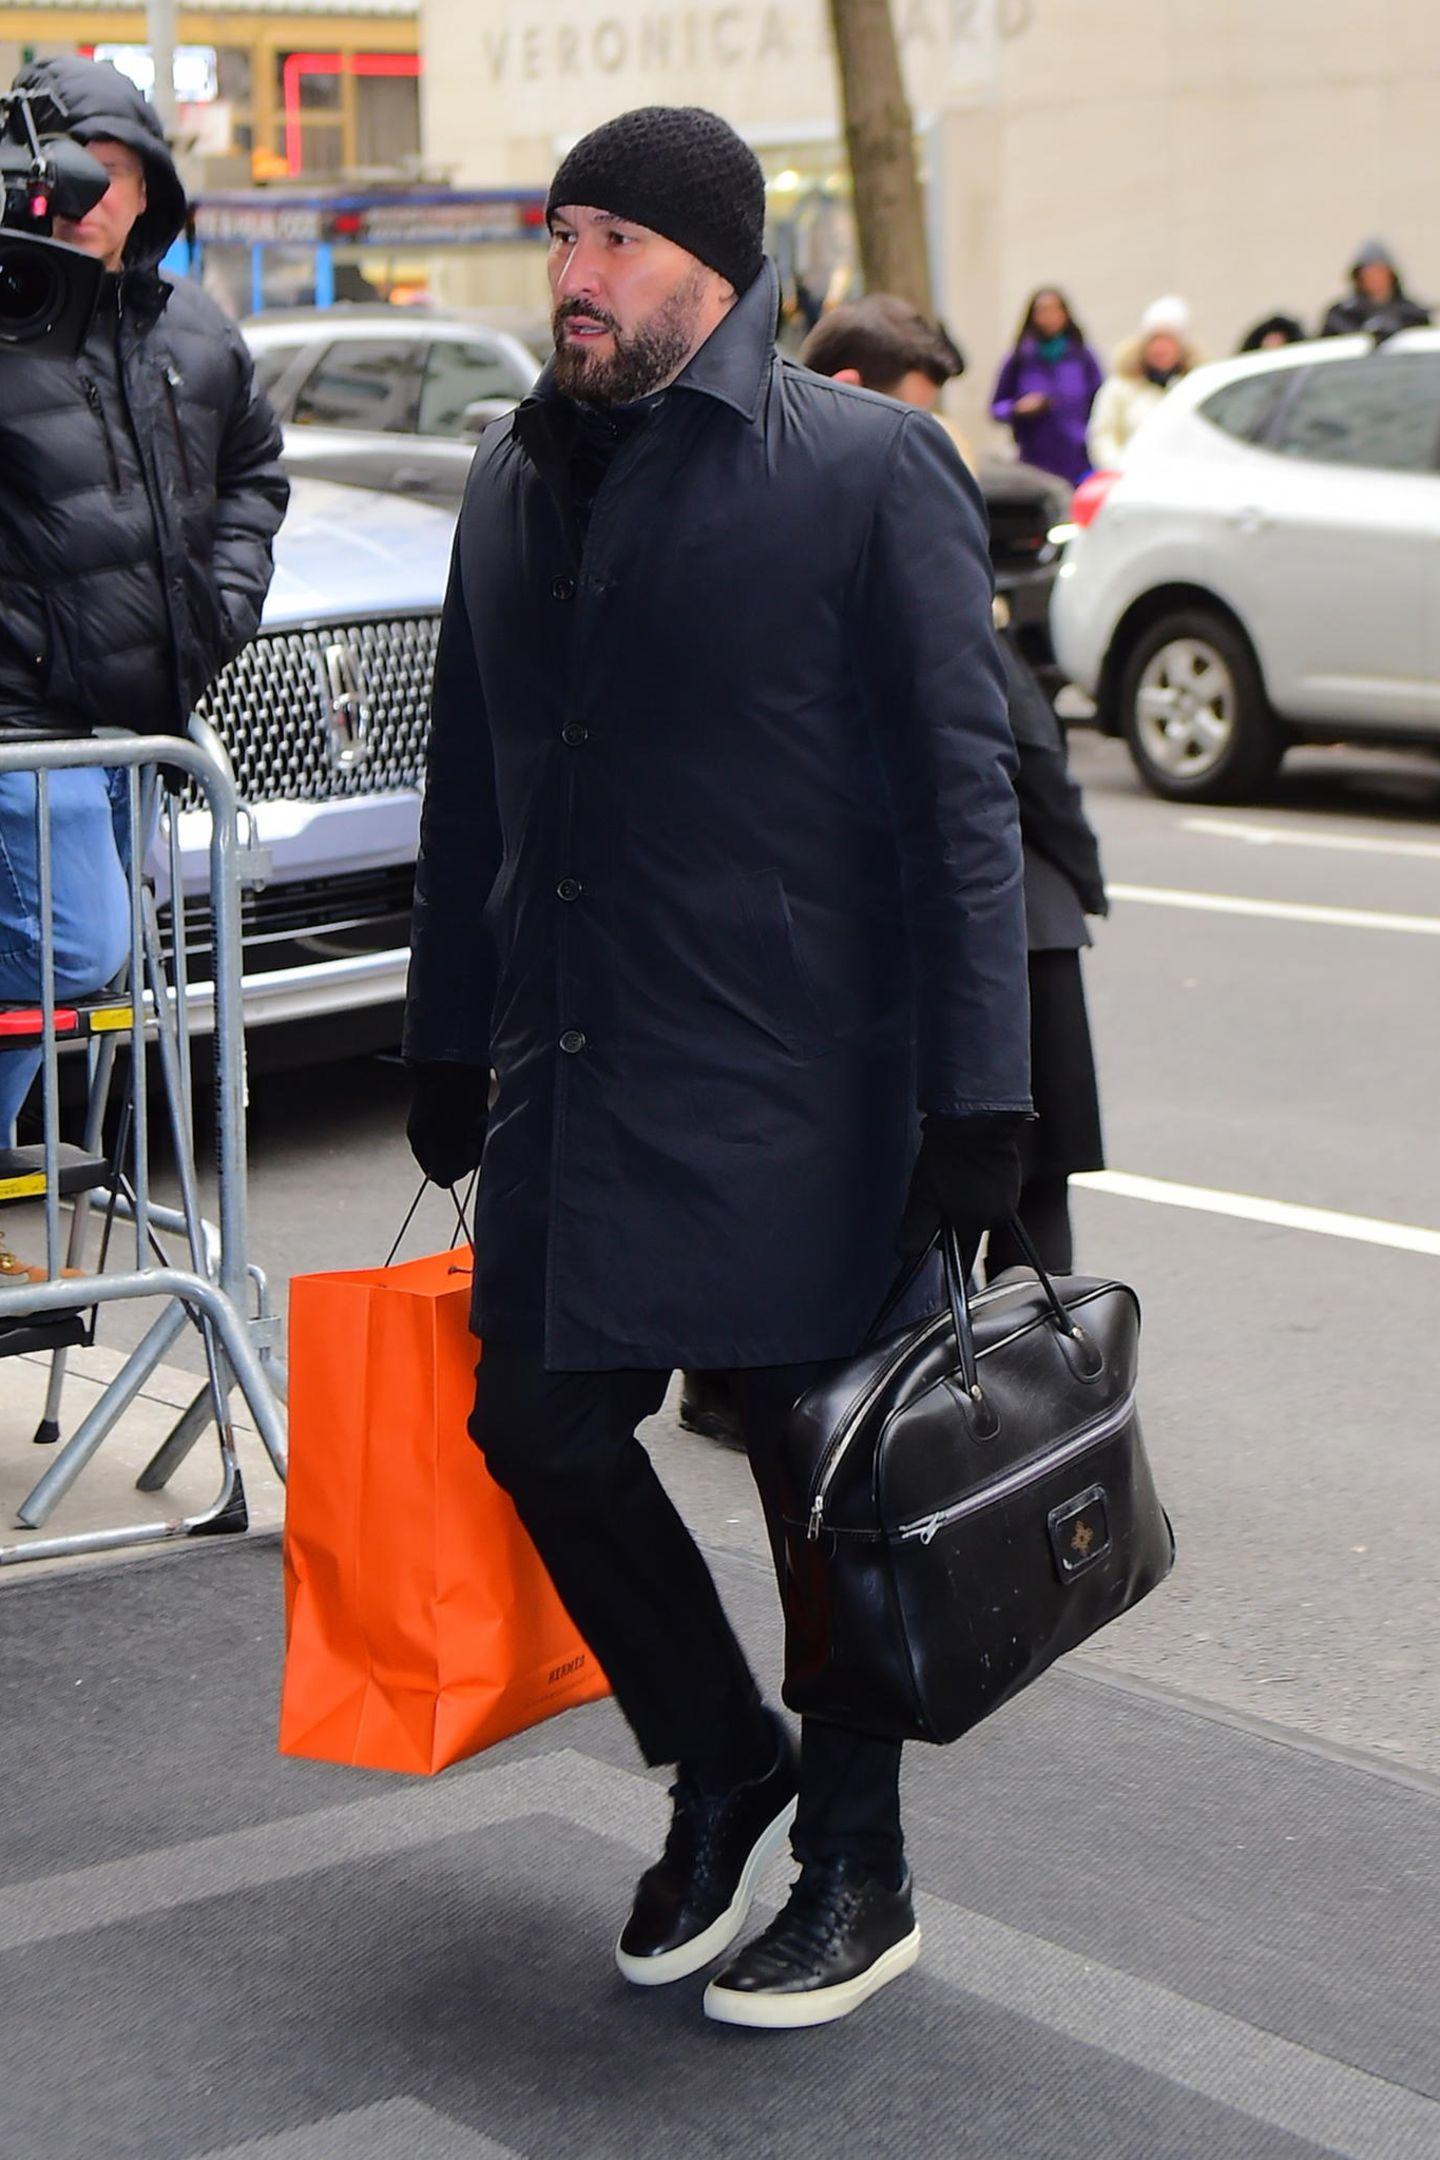 Hair Stylist Serge Normant folgt Daniel Martin auf dem Fuße. Für die anstehende Party hält er eine große Geschenktüte in leuchtendem Orange in der Hand.